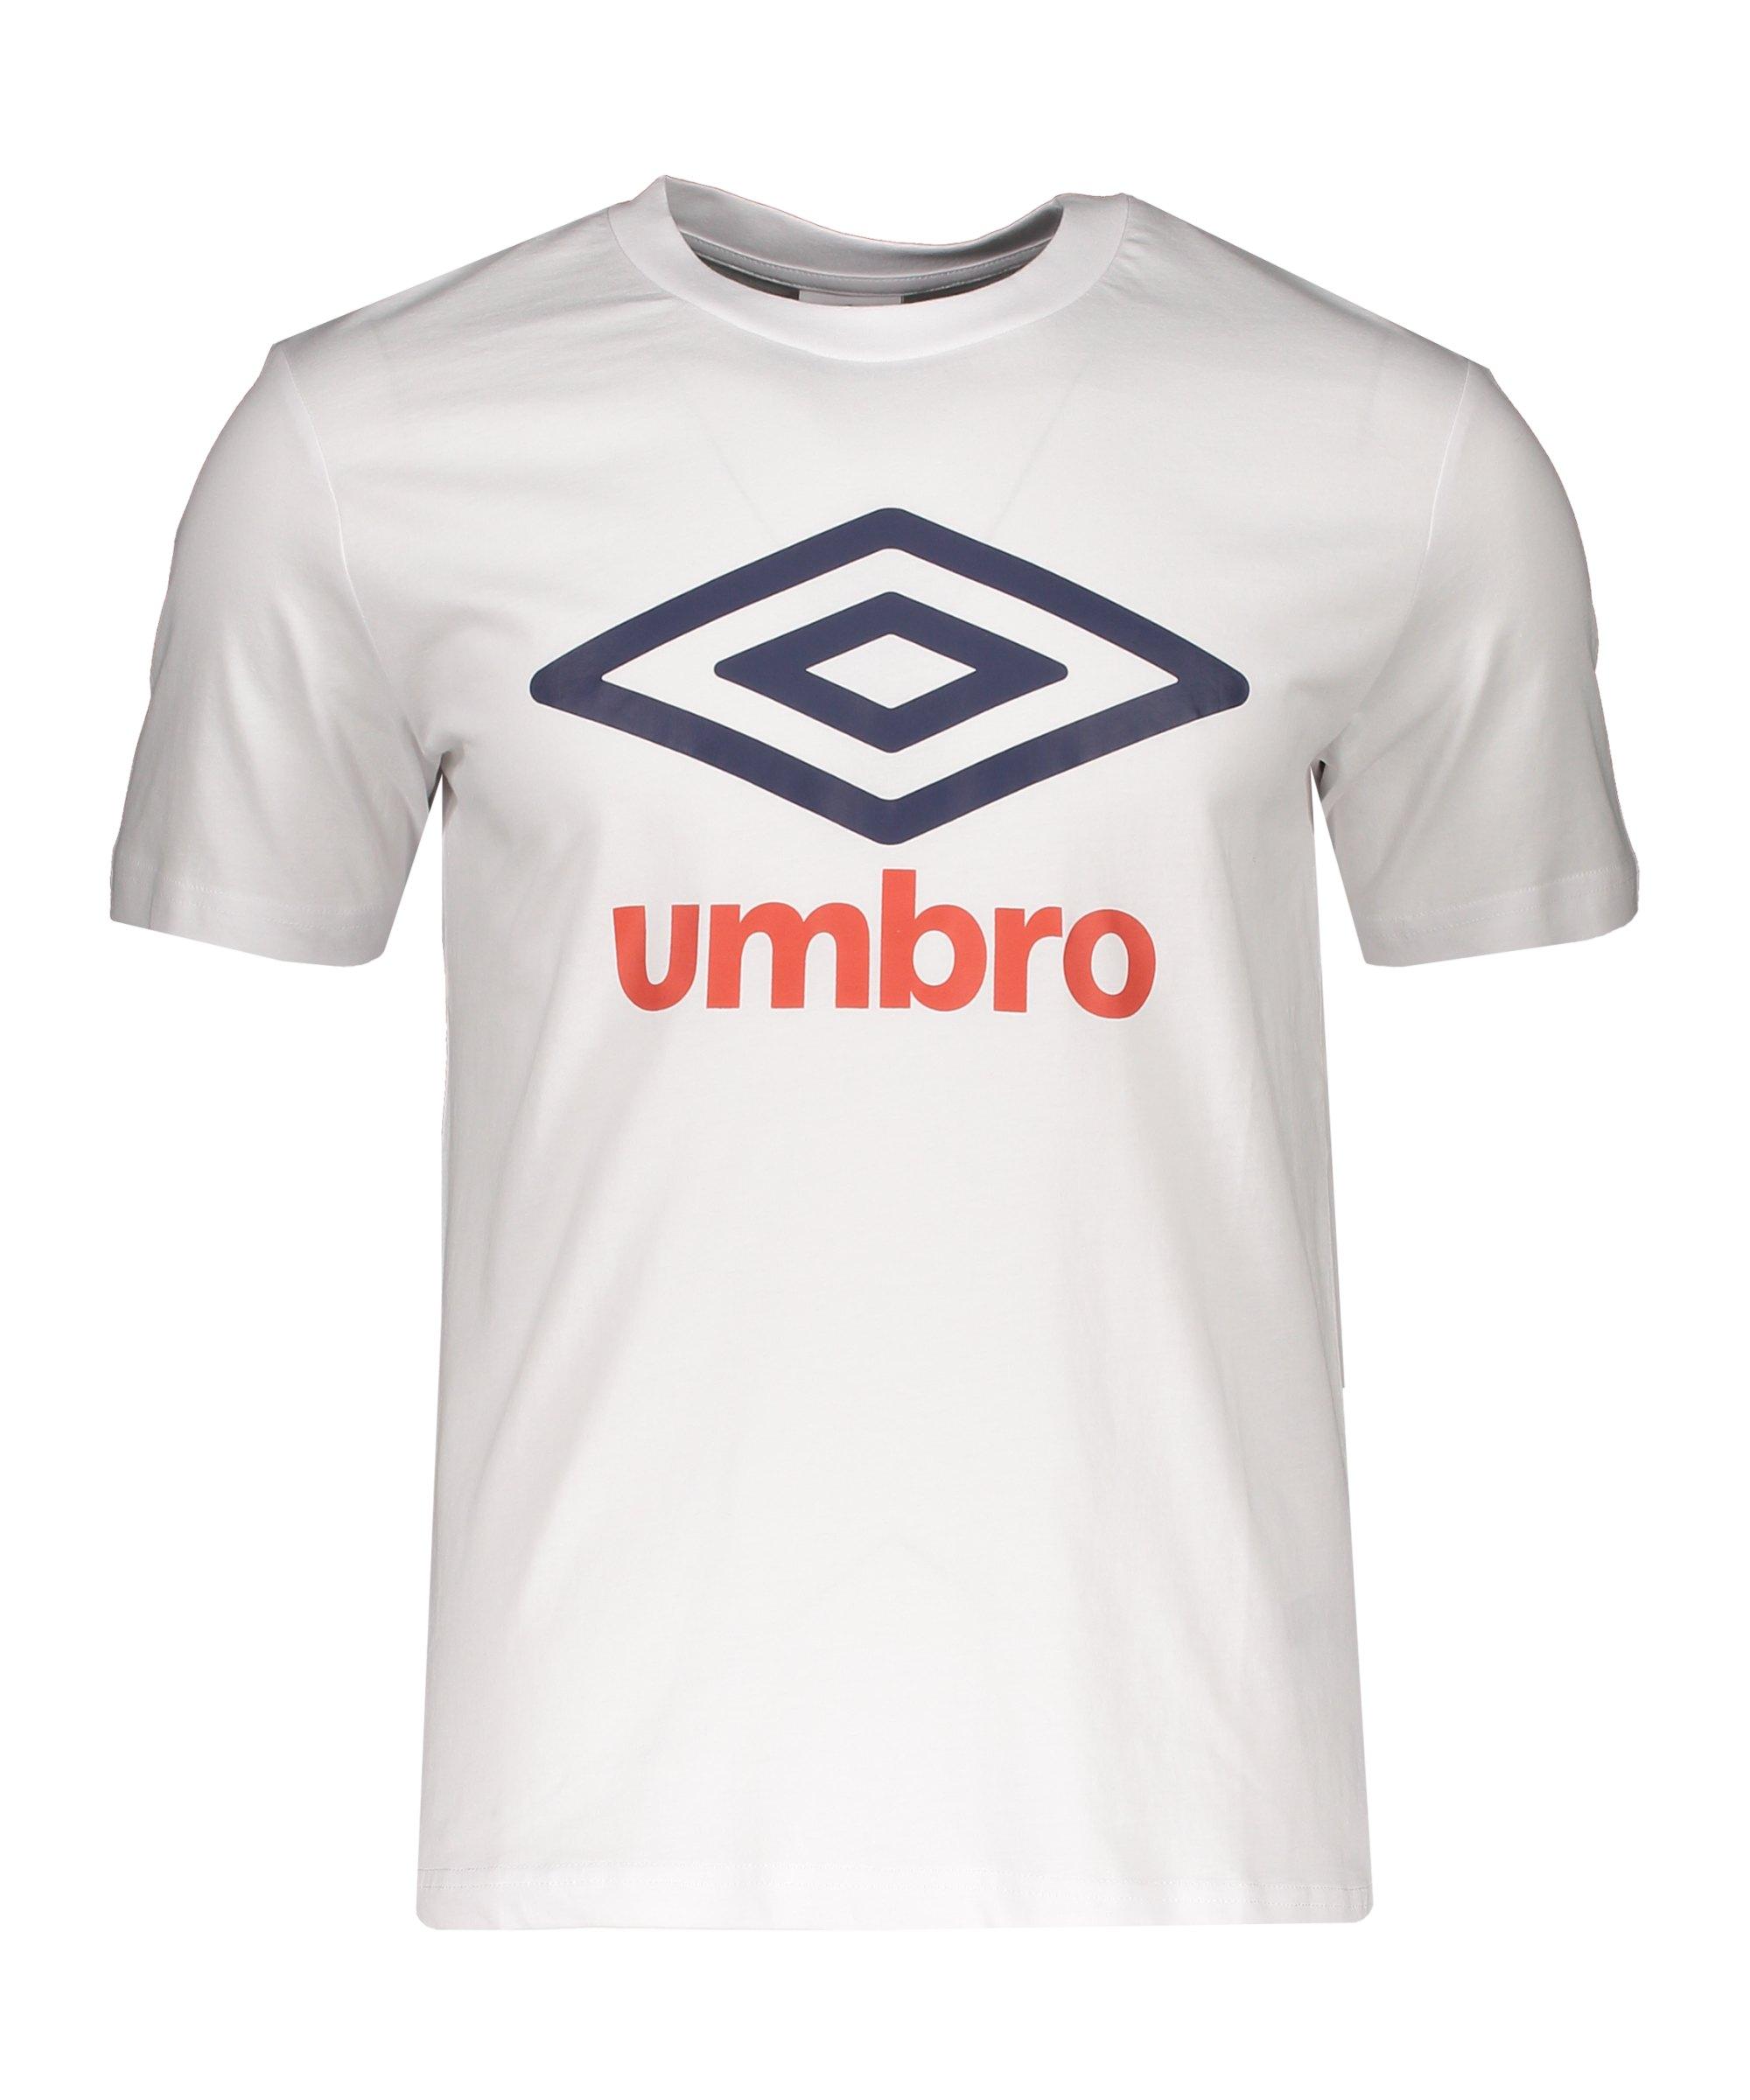 Umbro Large Logo T-Shirt Weiss FJG7 - weiss